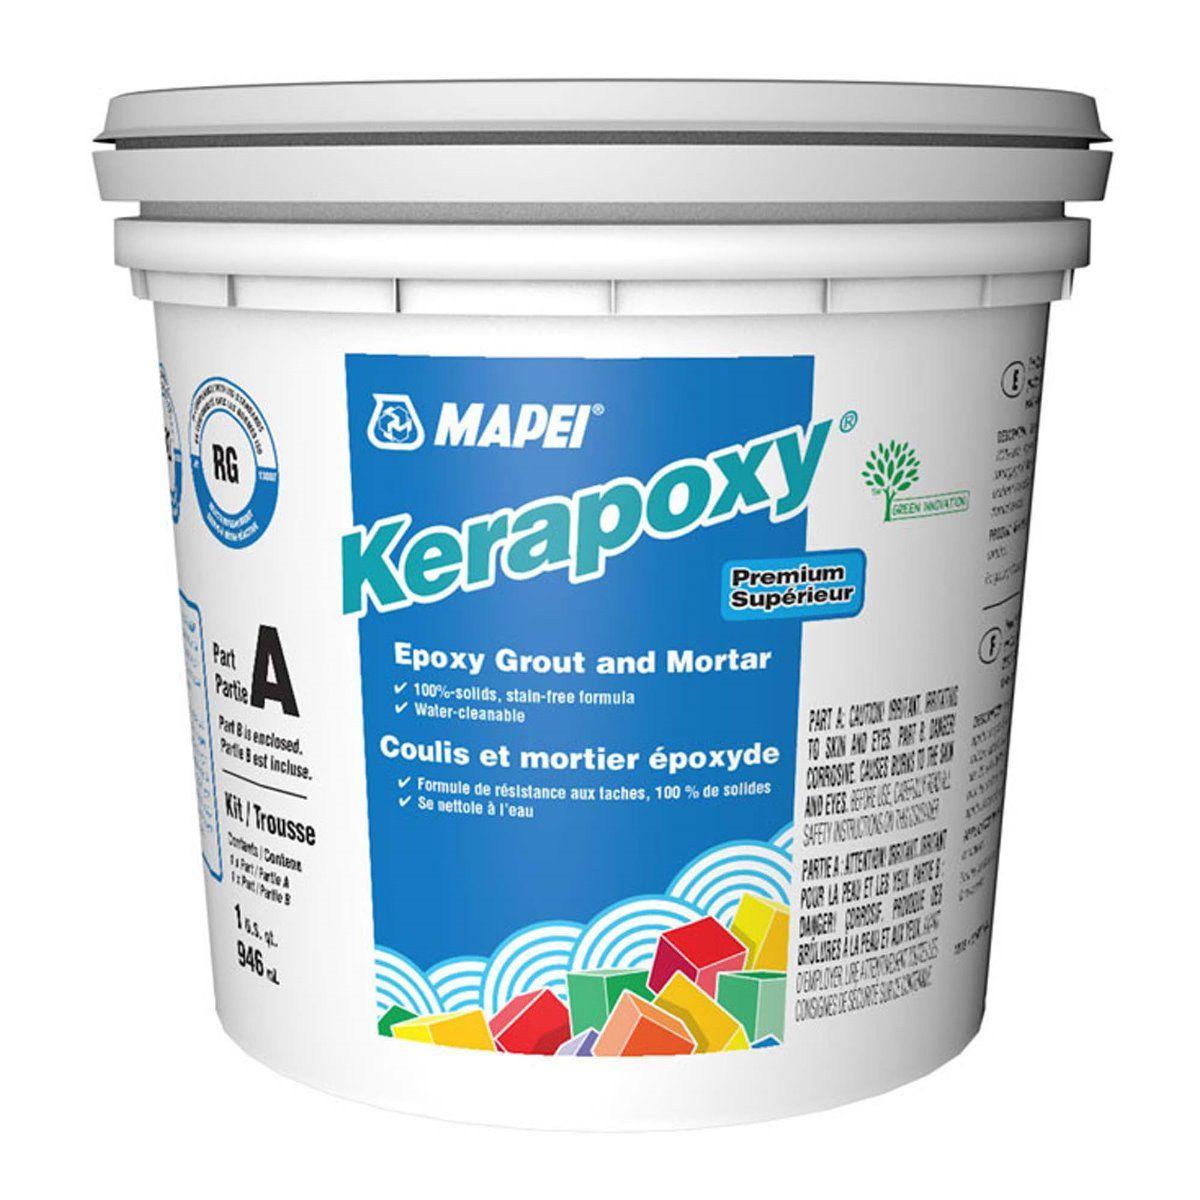 Kerapoxy White 945 mL Epoxy Grout & Mortar